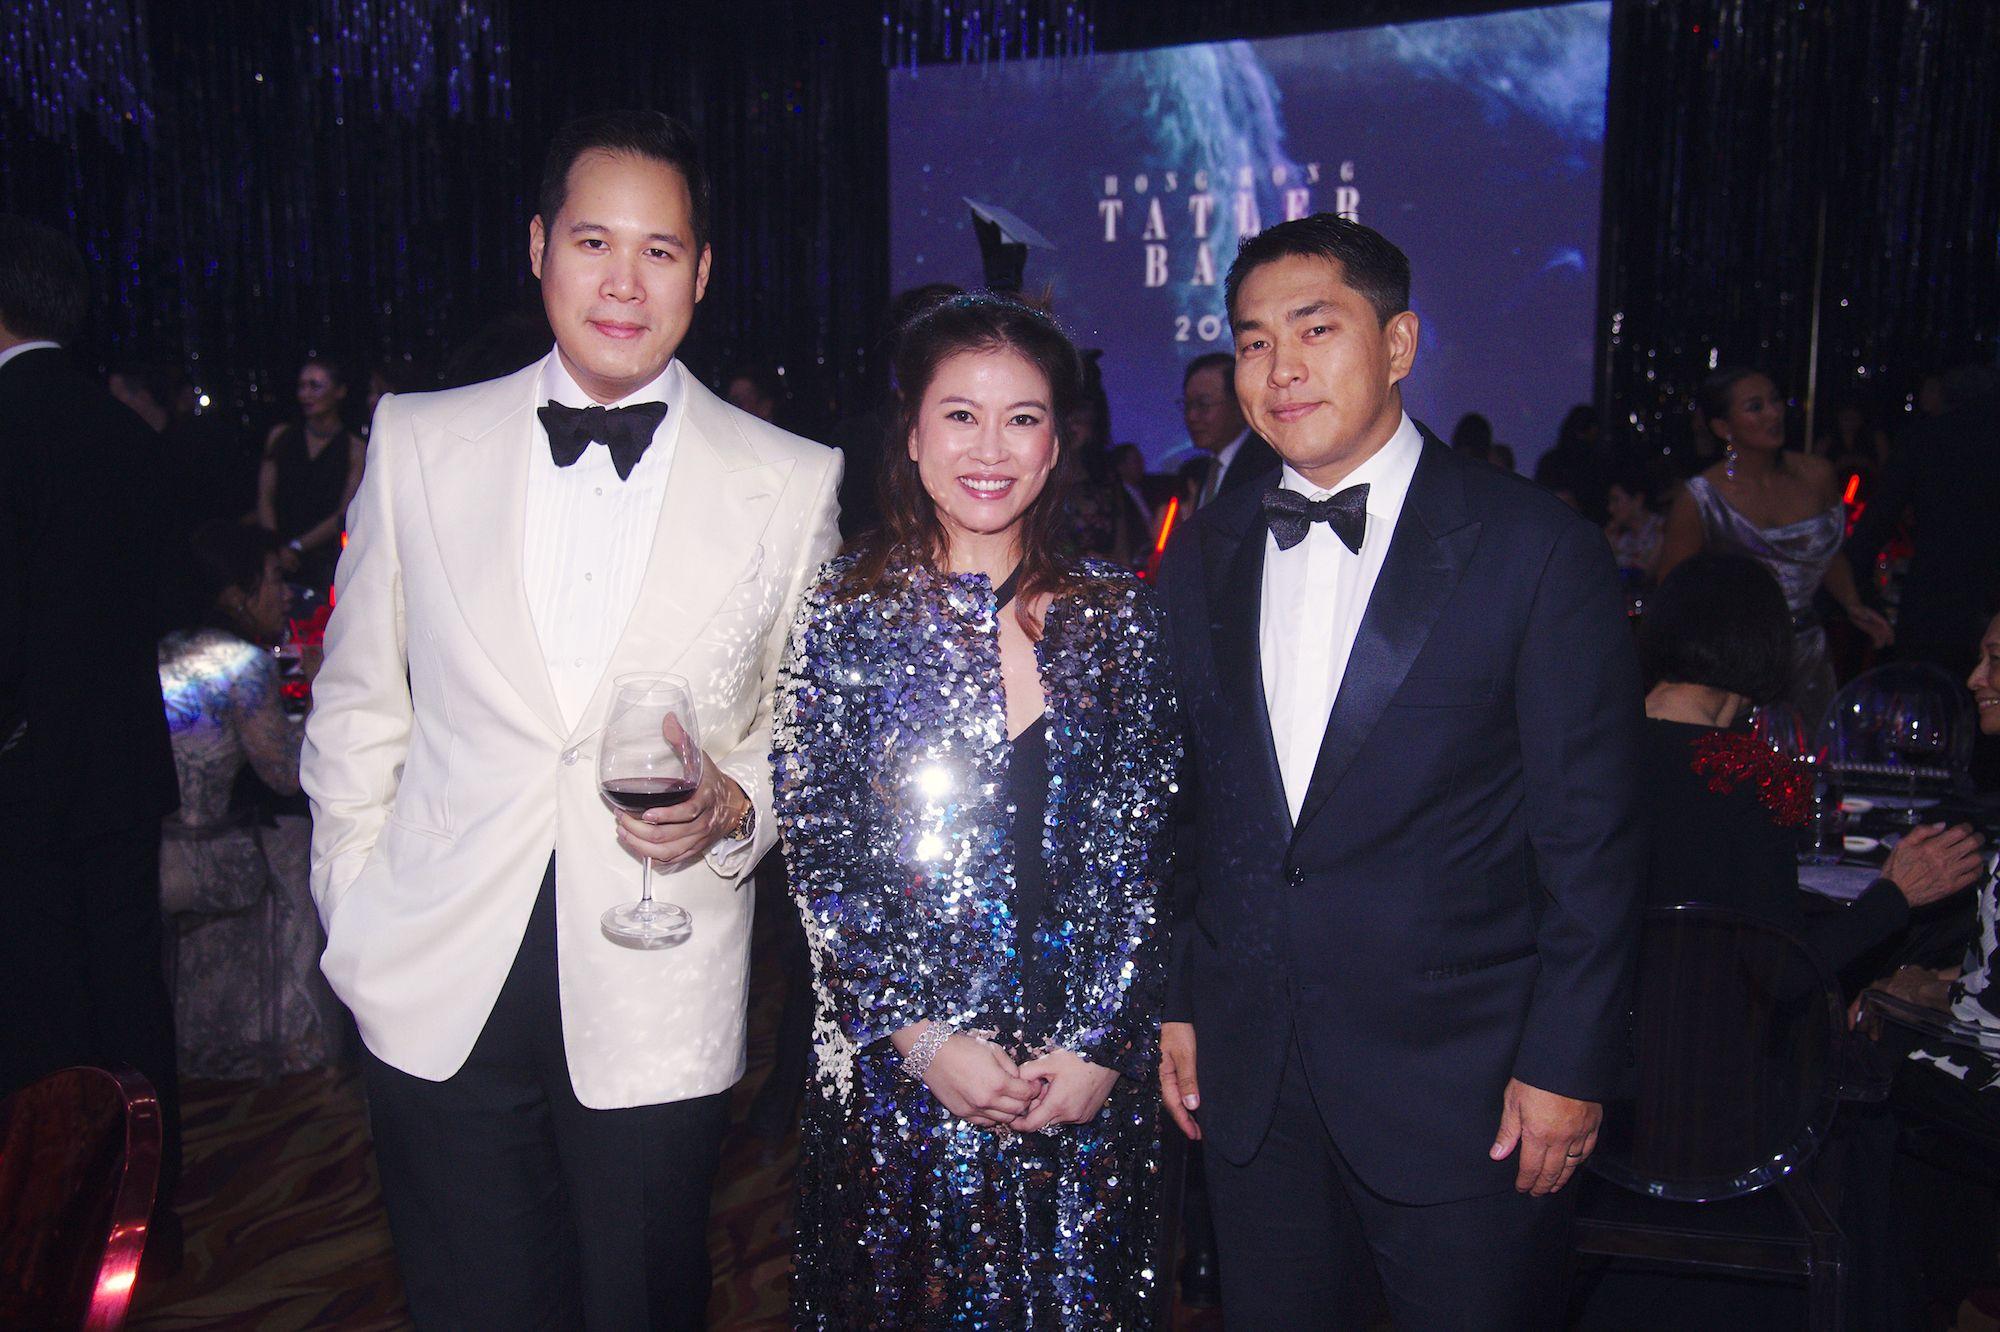 Brandon Chau, Sandee Sun, Kent Ho